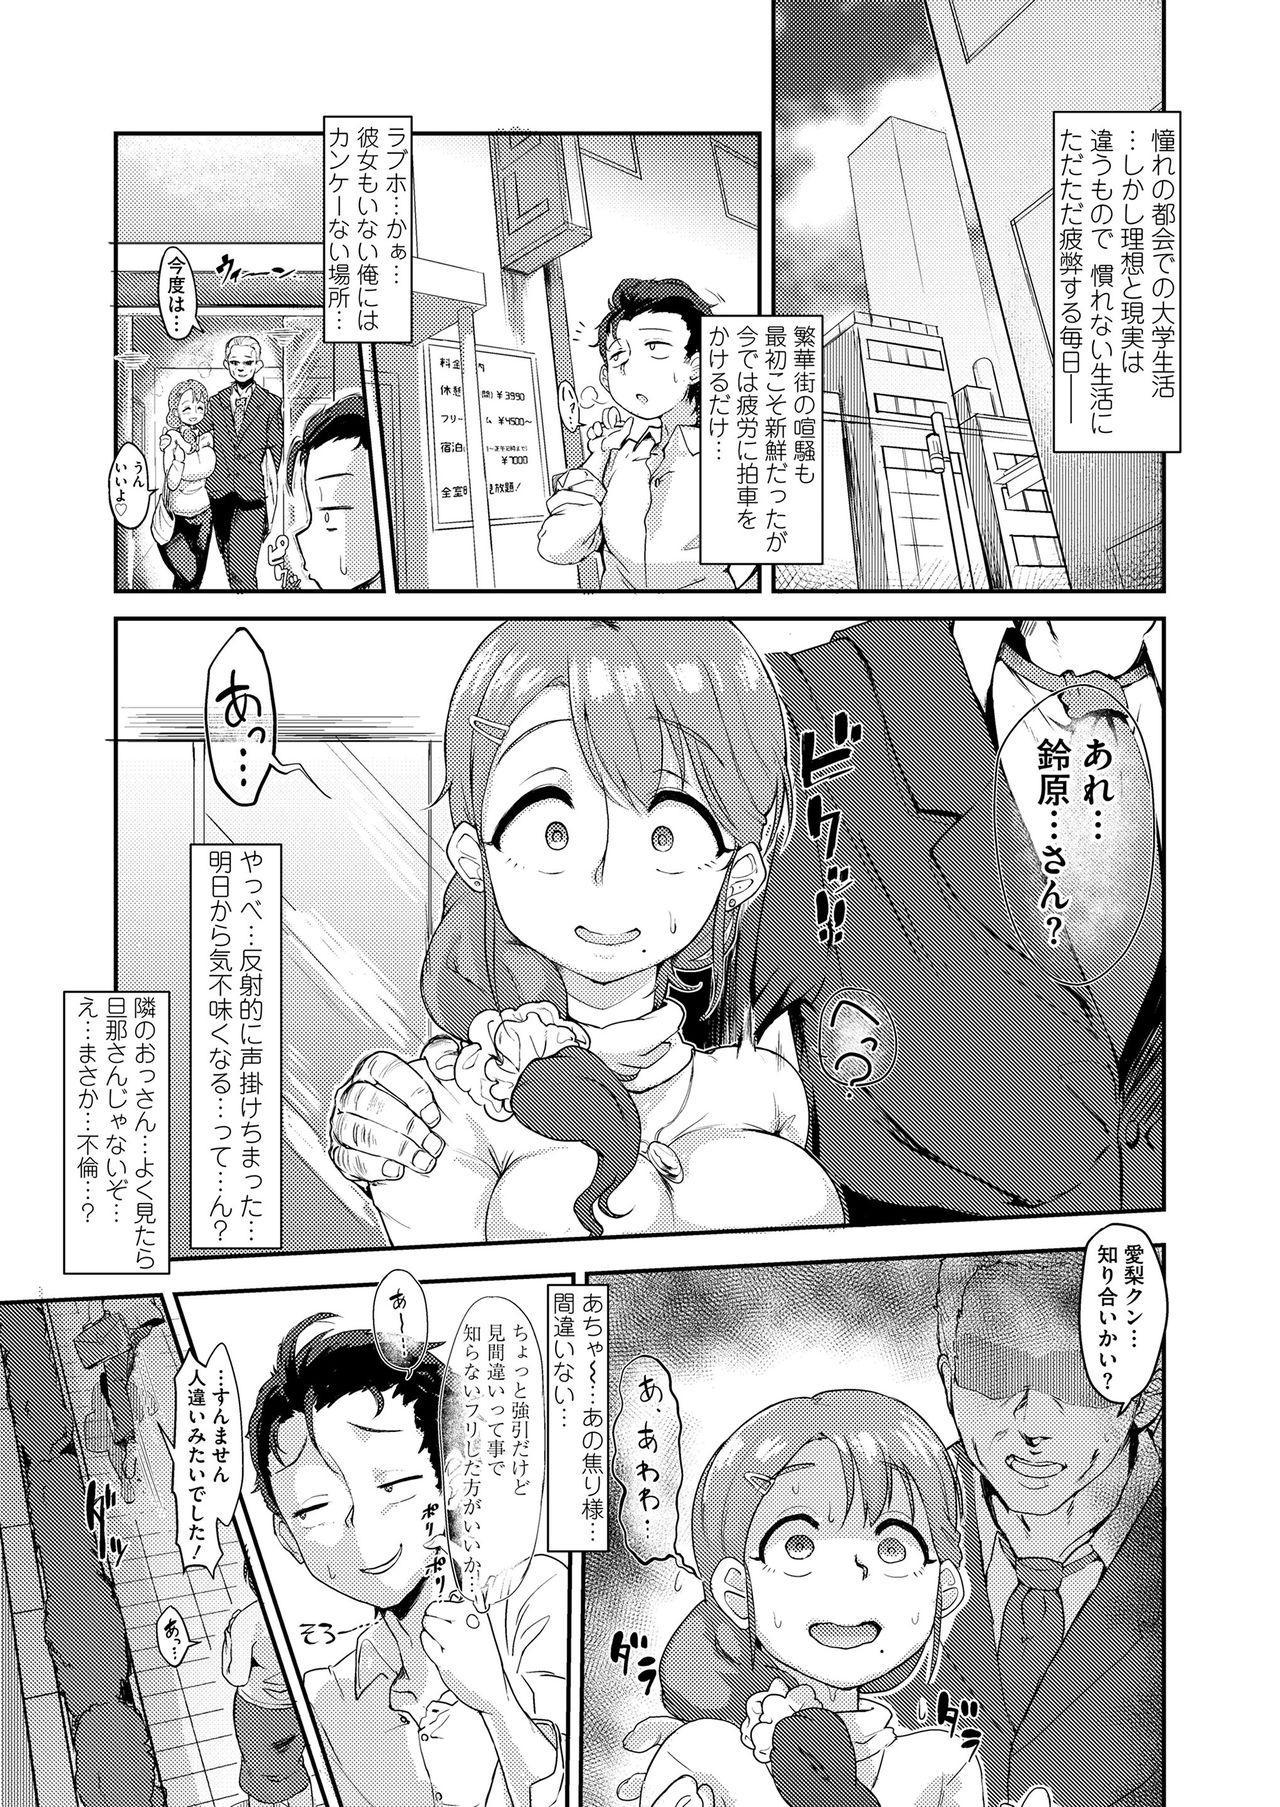 hatsujou densen ~iroka de madowasu bitchi na mesu dachi~ 50